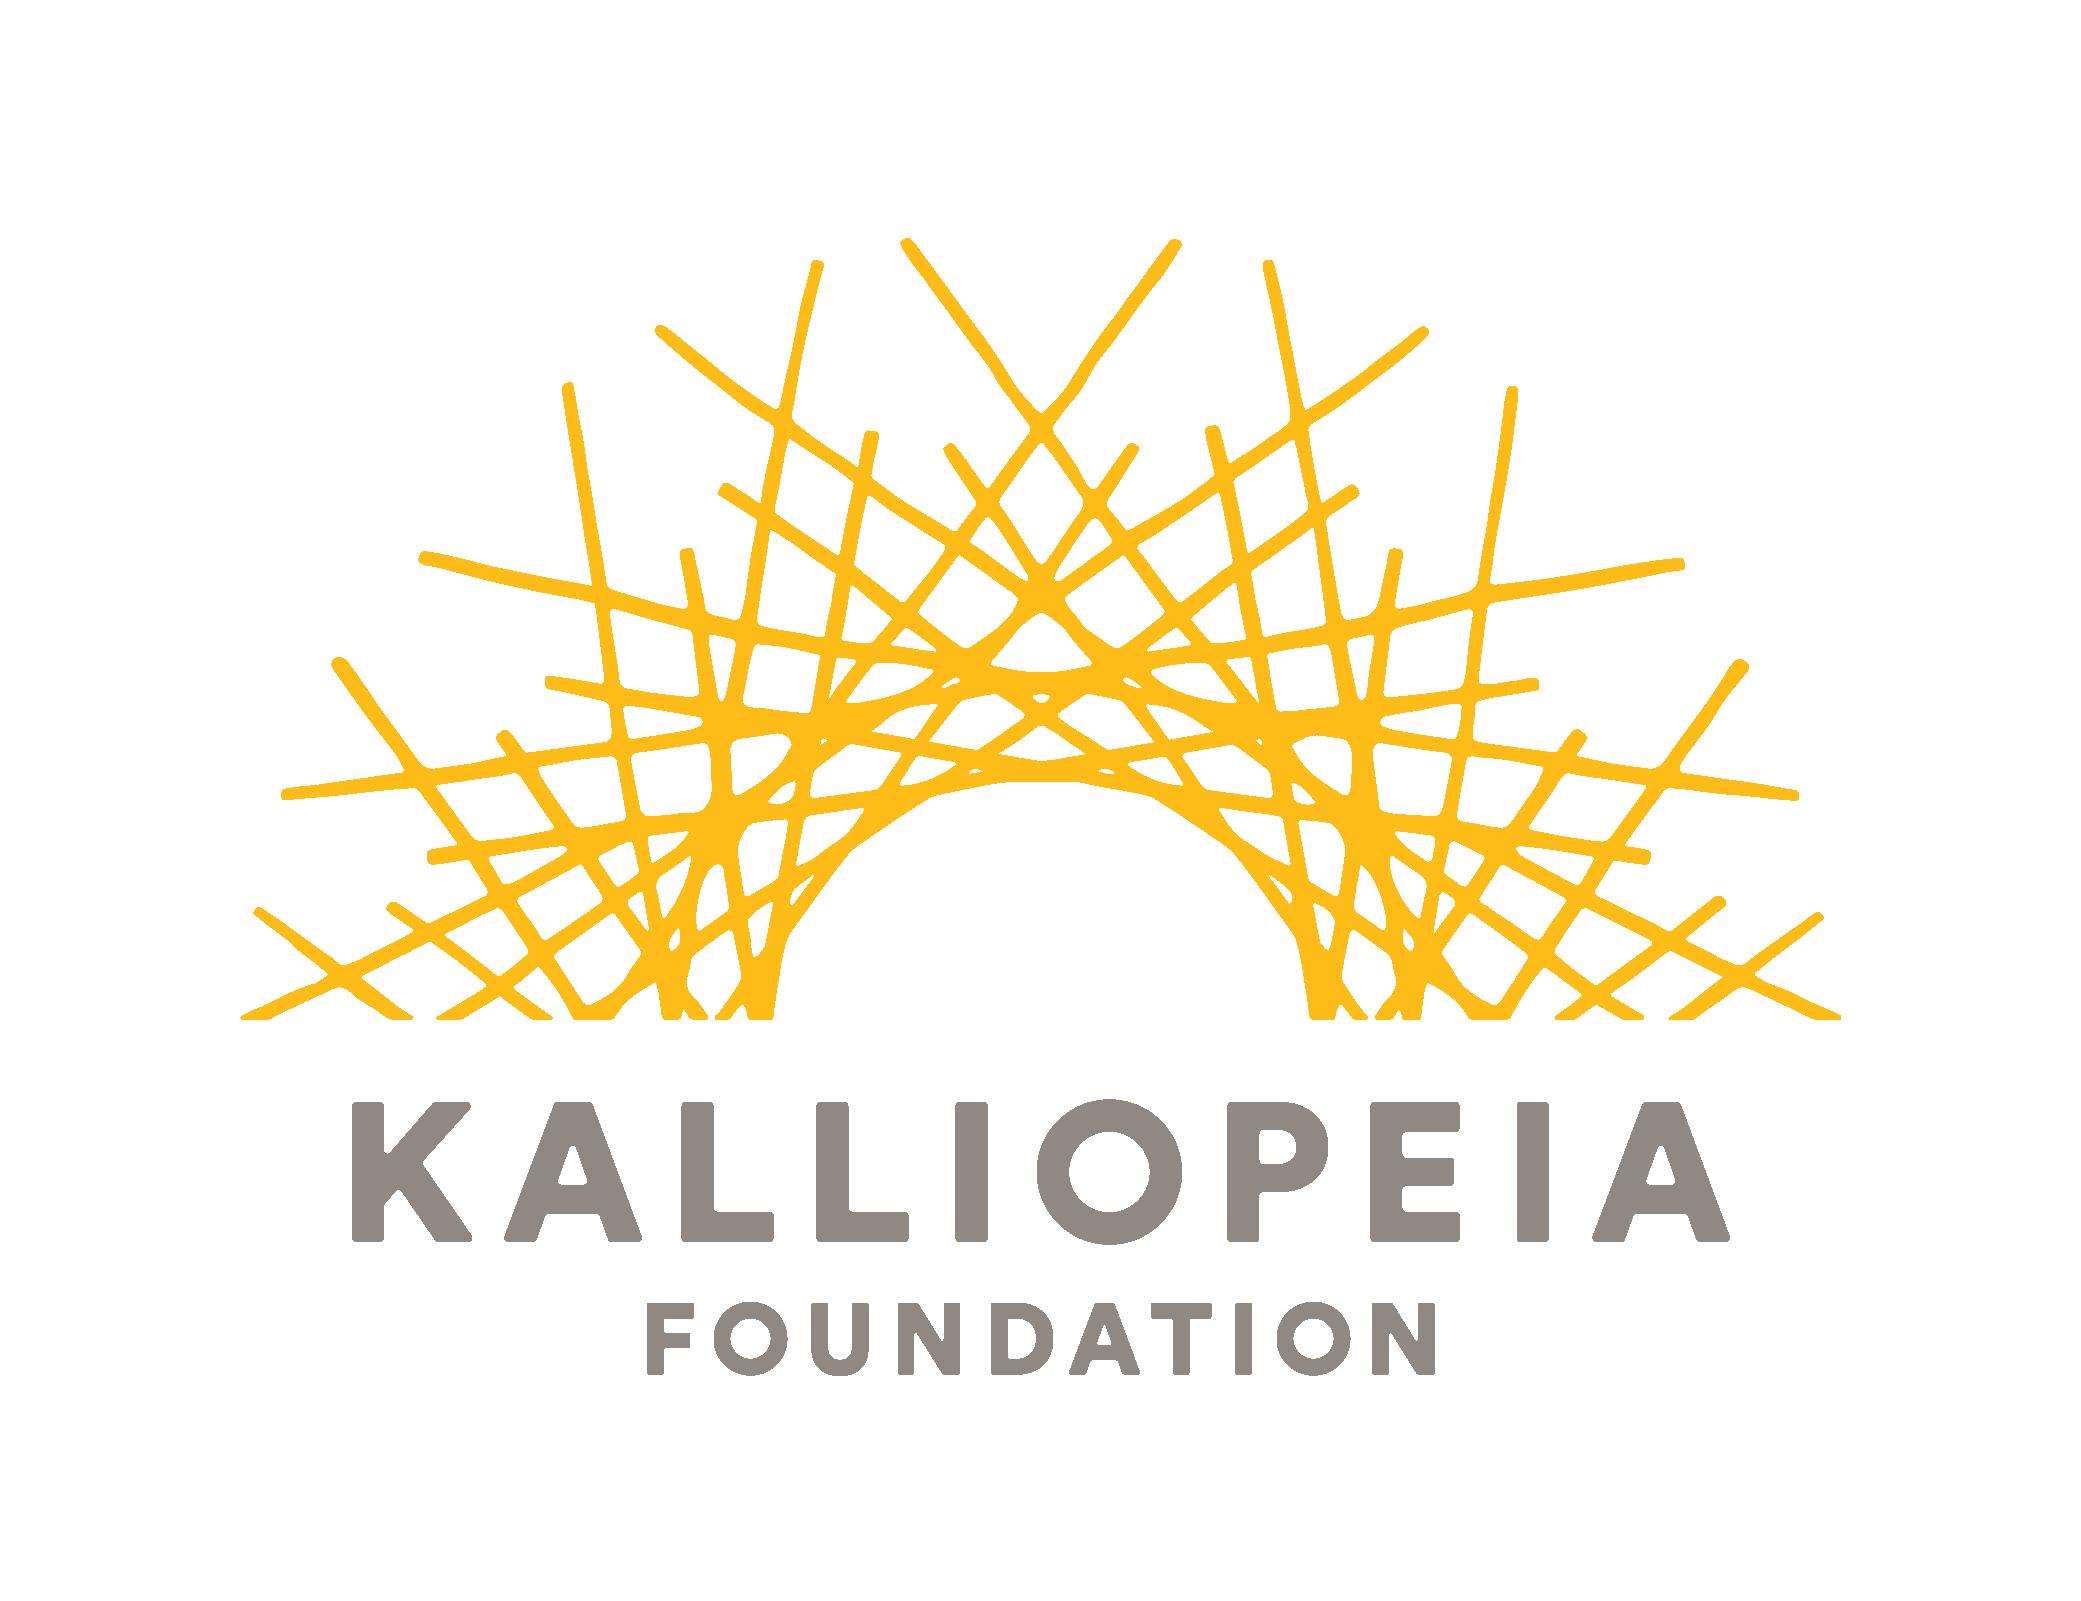 Kalliopeia Foundation logo